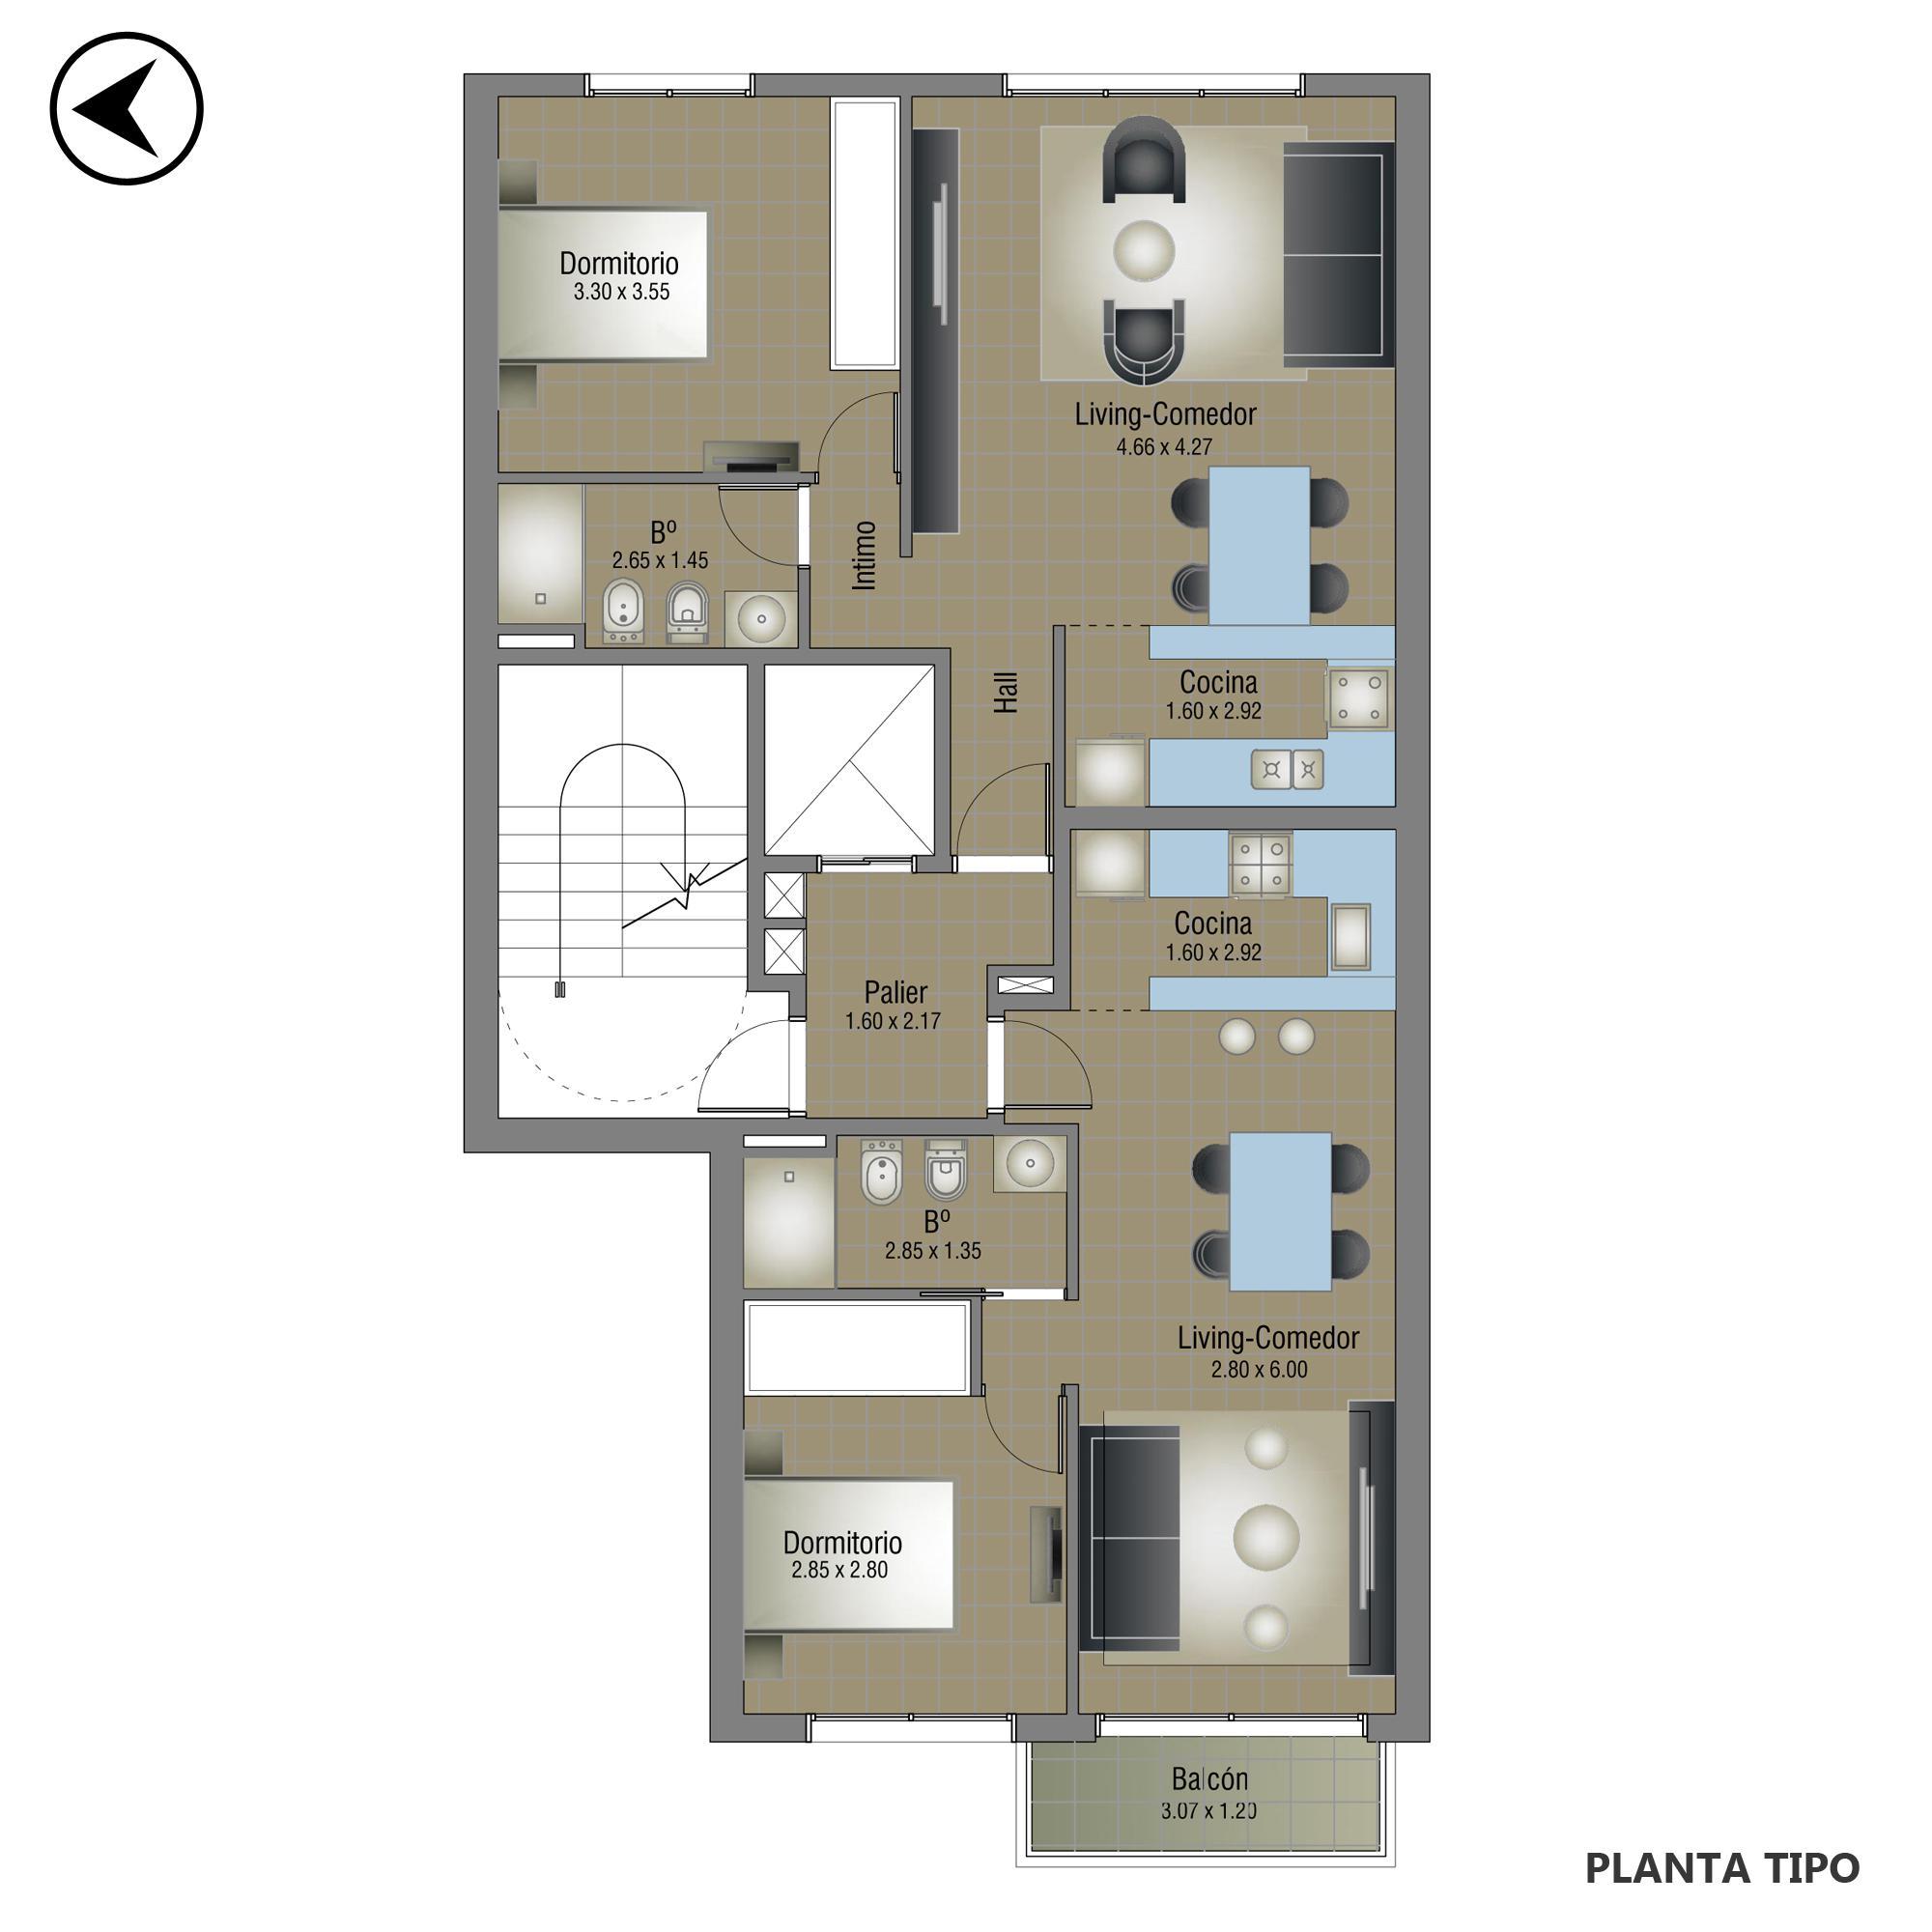 Venta departamento 1 dormitorio Rosario, Abasto. Cod CBU20162 AP1977496. Crestale Propiedades